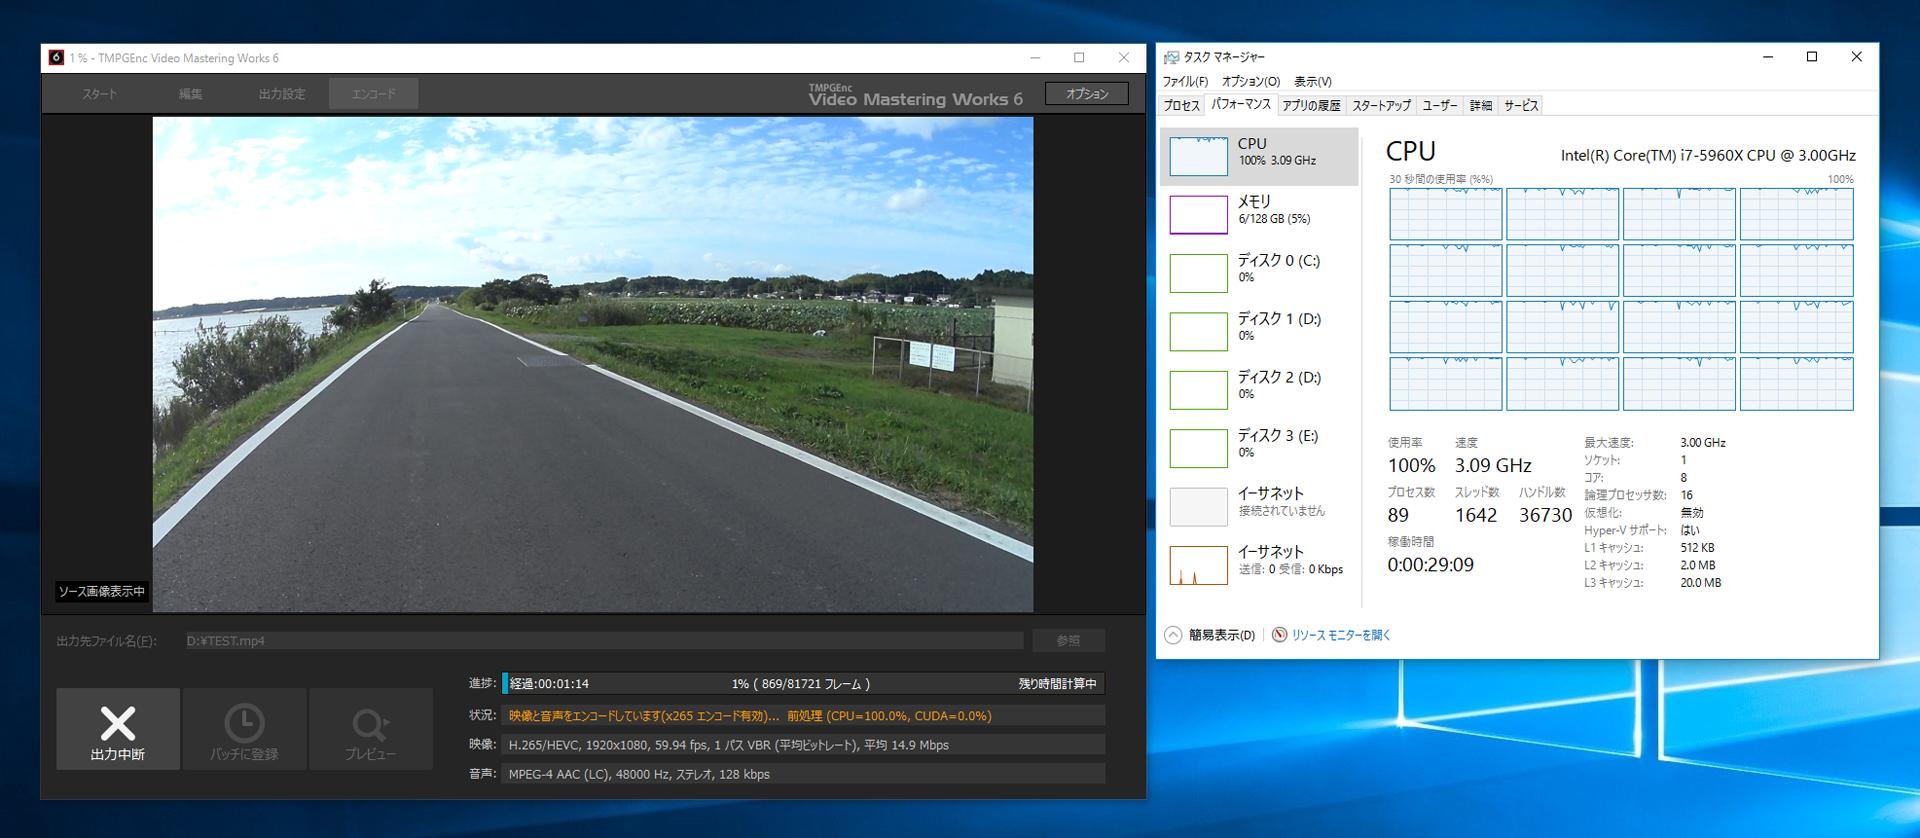 TMPGEnc Video Mastering Works 6でH.265/HEVC形式に動画をエンコードしている際のCPU使用率。8コア16スレッドをほぼ使い切って処理を行っていることが確認できる。このように、動画処理には多コアCPUが真価を発揮する場面も多い。